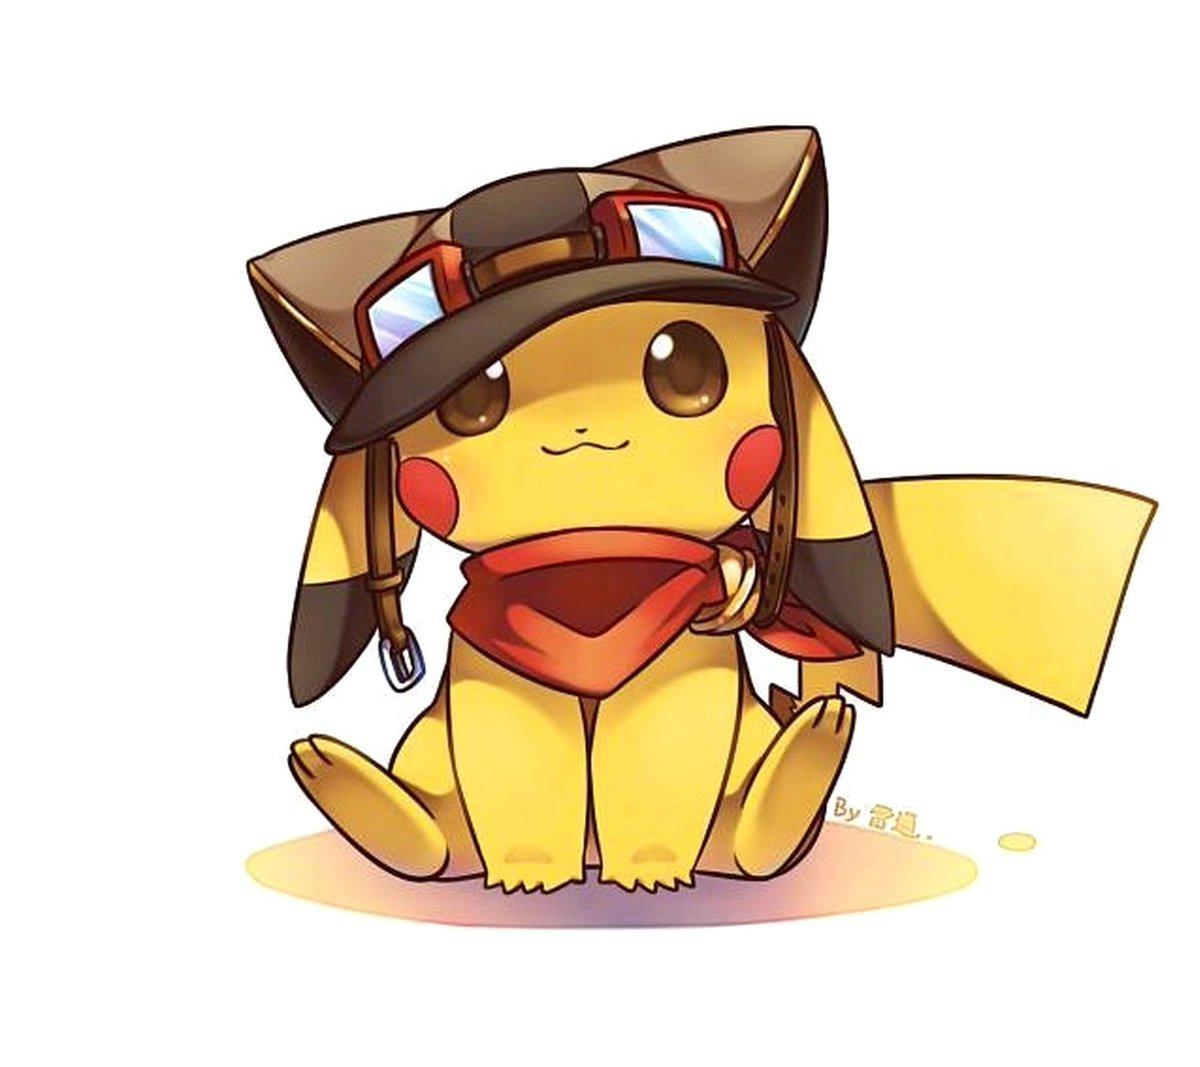 Ảnh đại diện pikachu dễ thương cho nữ